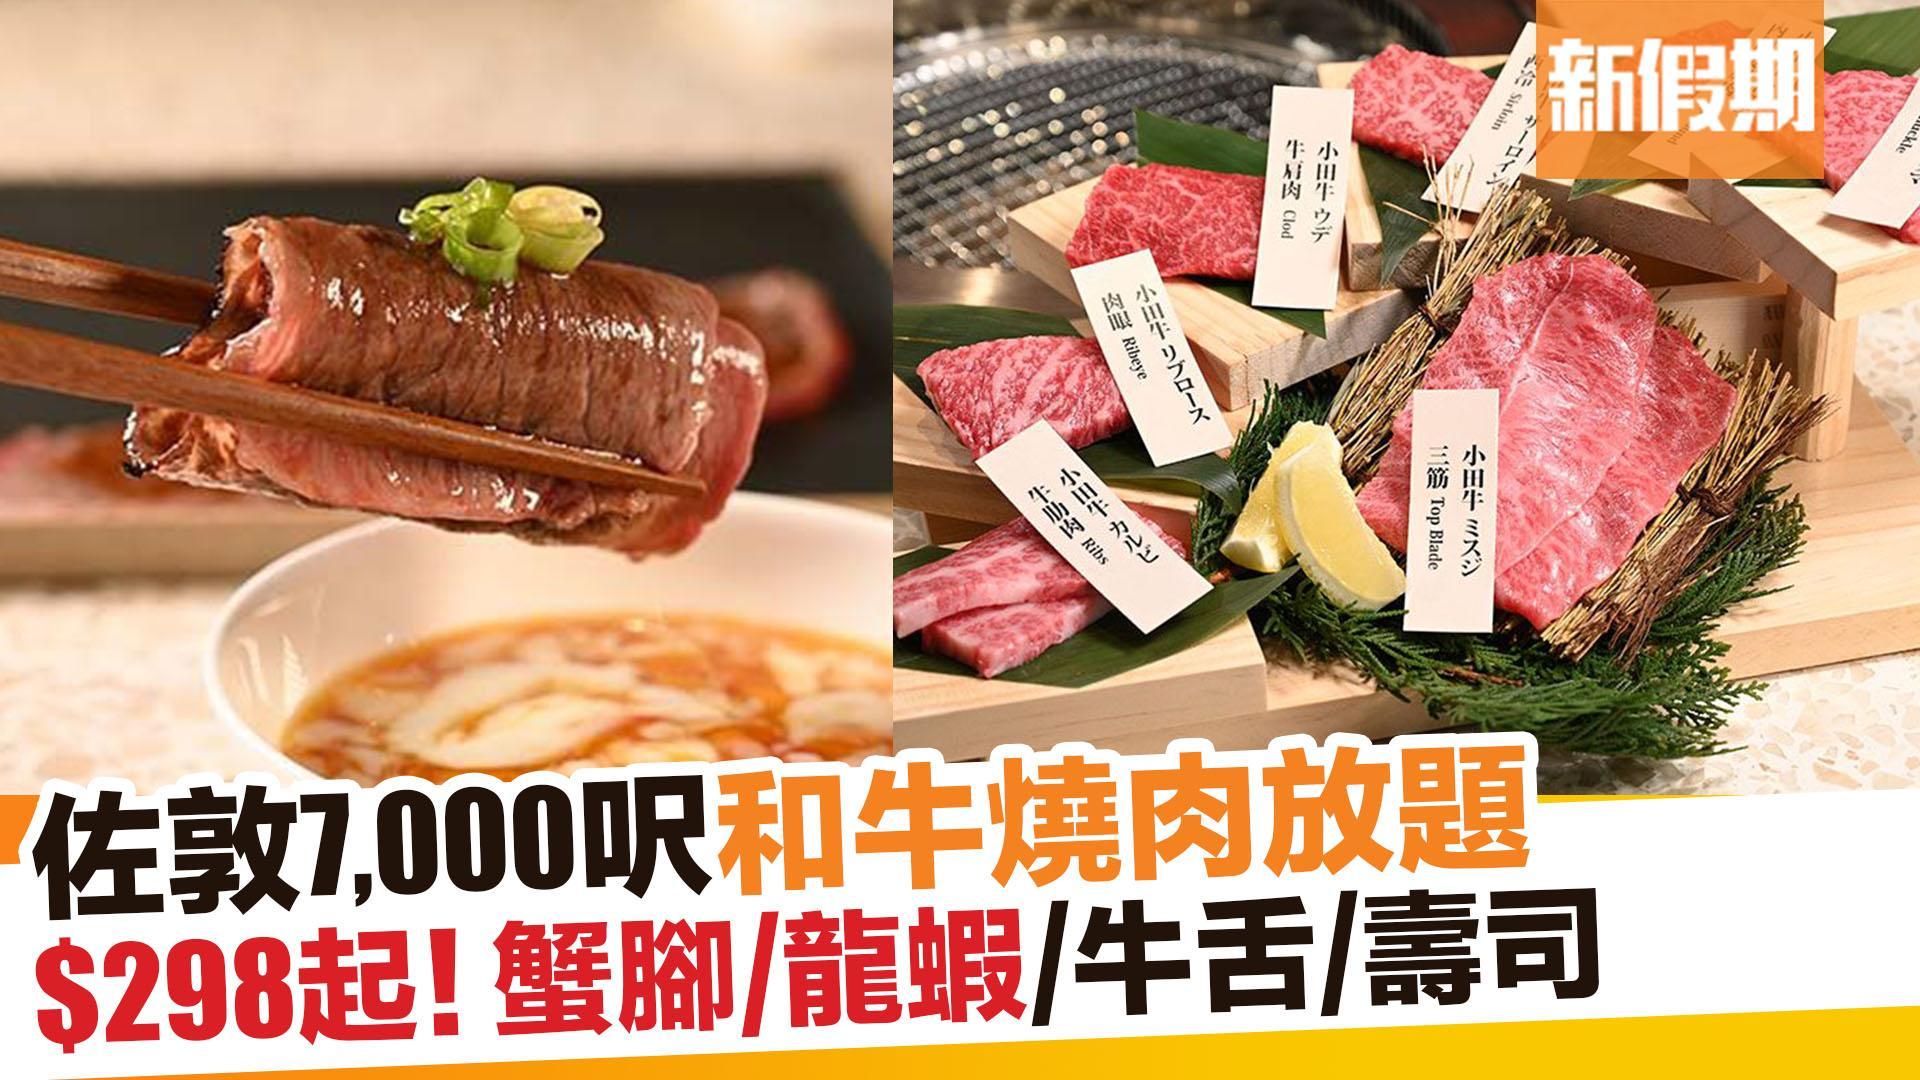 【自助餐我要】佐敦7,000呎和牛燒肉放題店! 新假期